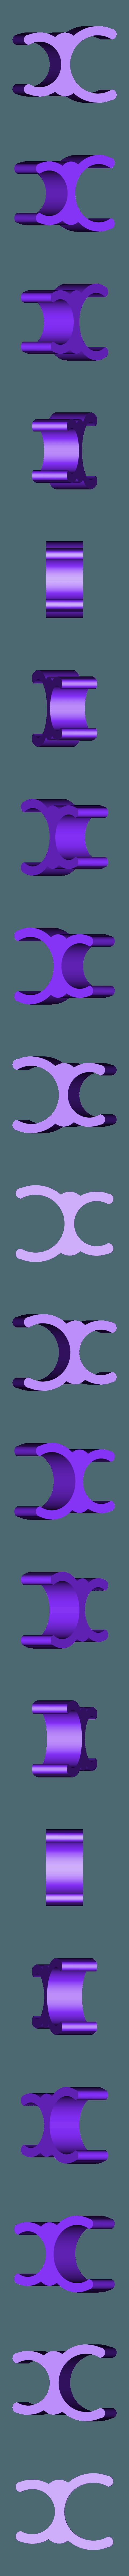 ombrellone2.stl Télécharger fichier STL gratuit Coupleur parapluie et chaise de plage paresseux • Plan imprimable en 3D, Lurgmog